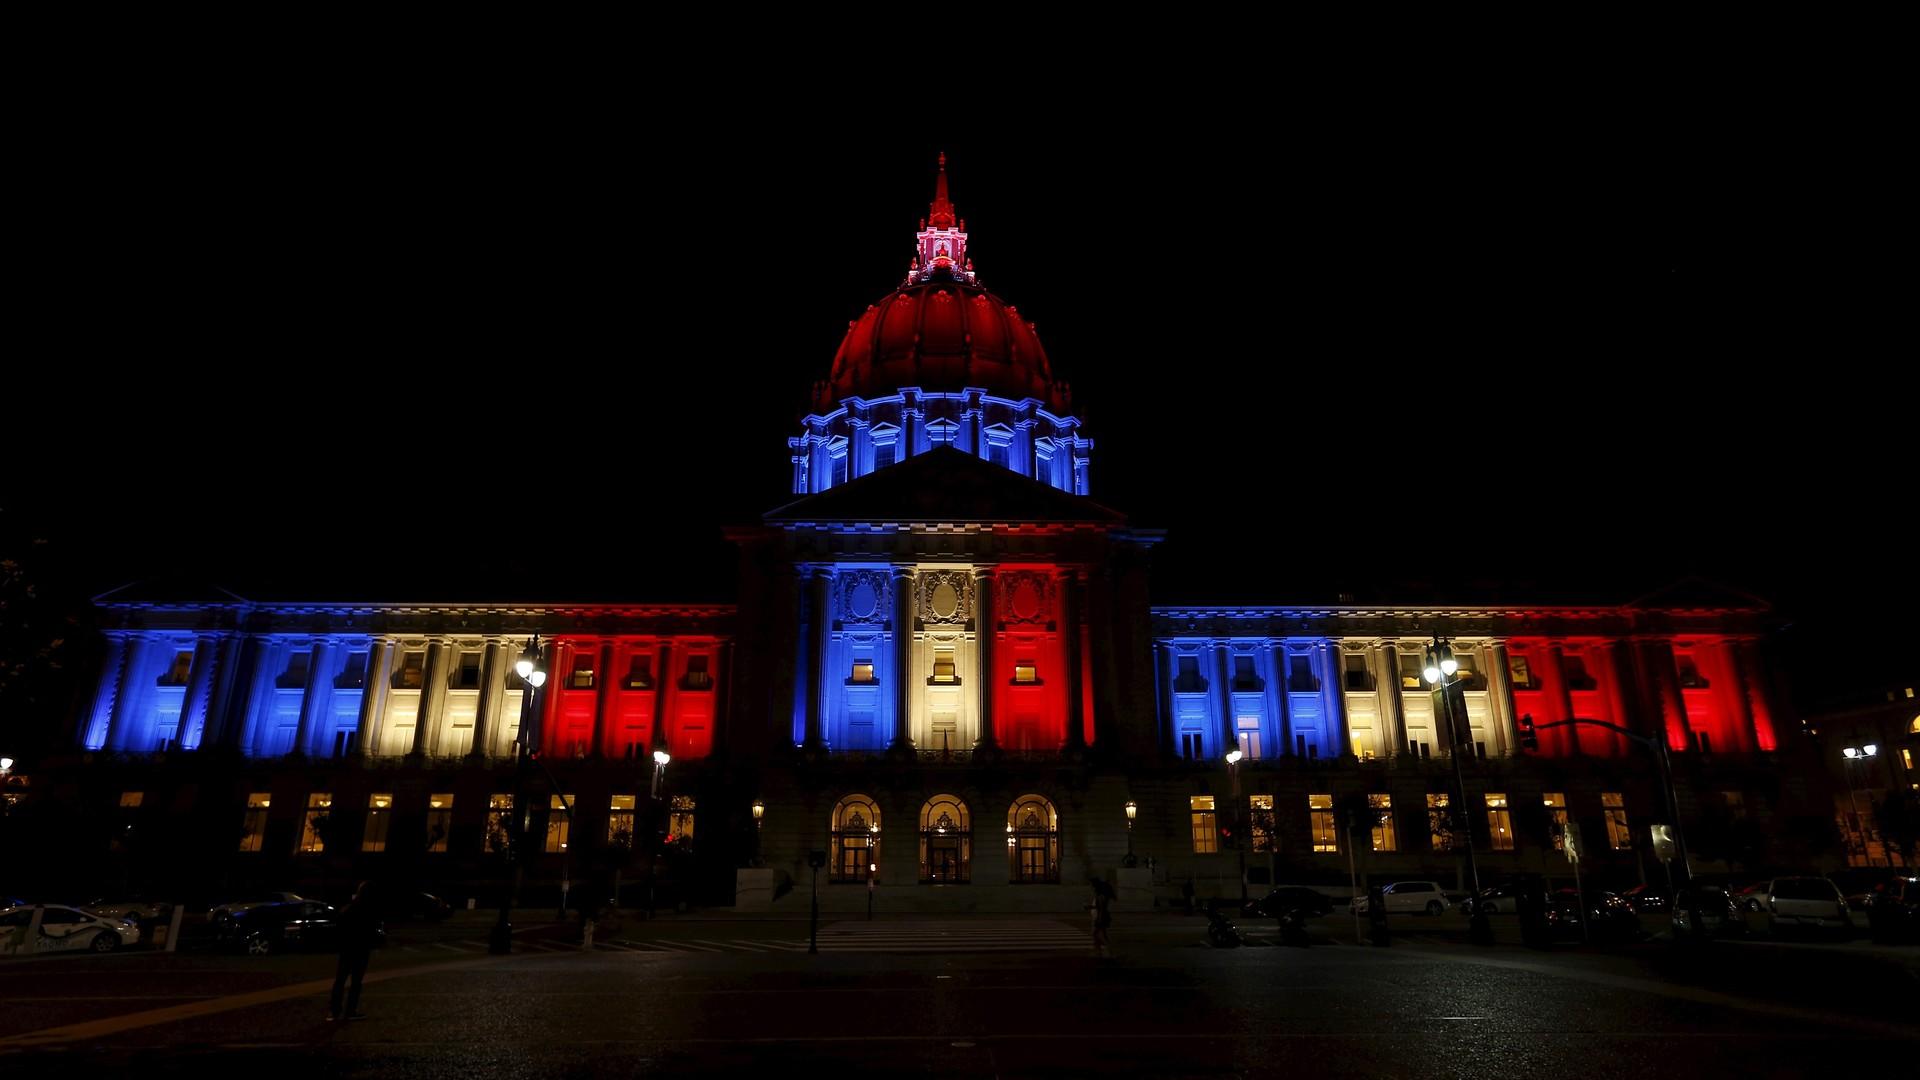 L'Hôtel de ville de San-Francisco est illuminé aux couleurs du drapeau français.